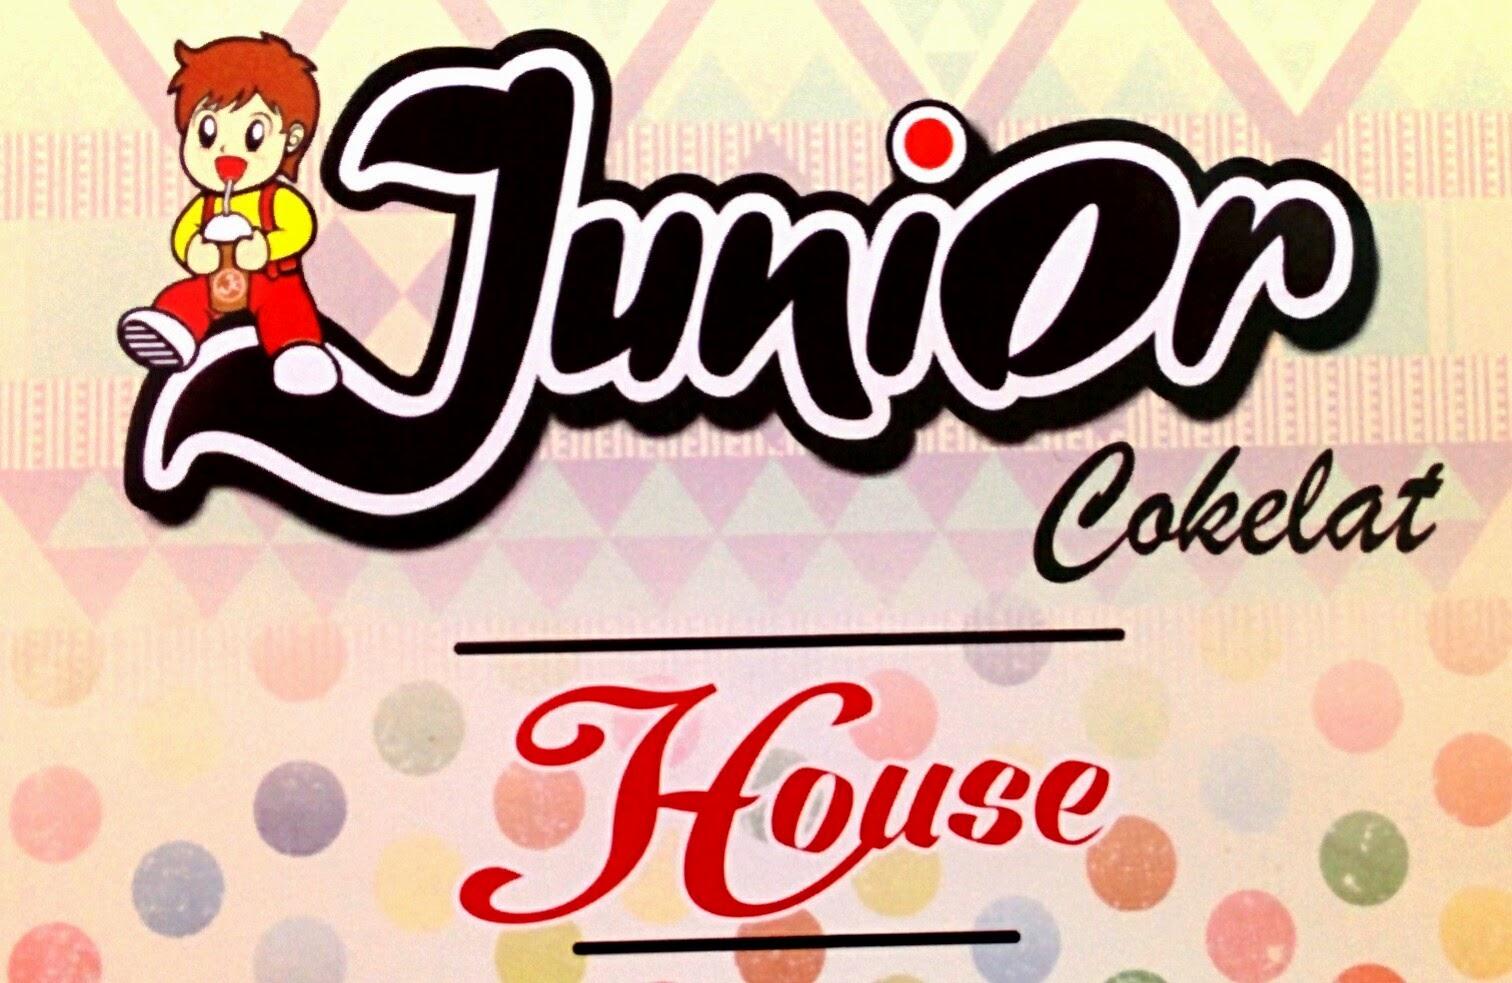 Dibutuhkan karyawan karyawati untuk bekerja di Junior Cokelat House.